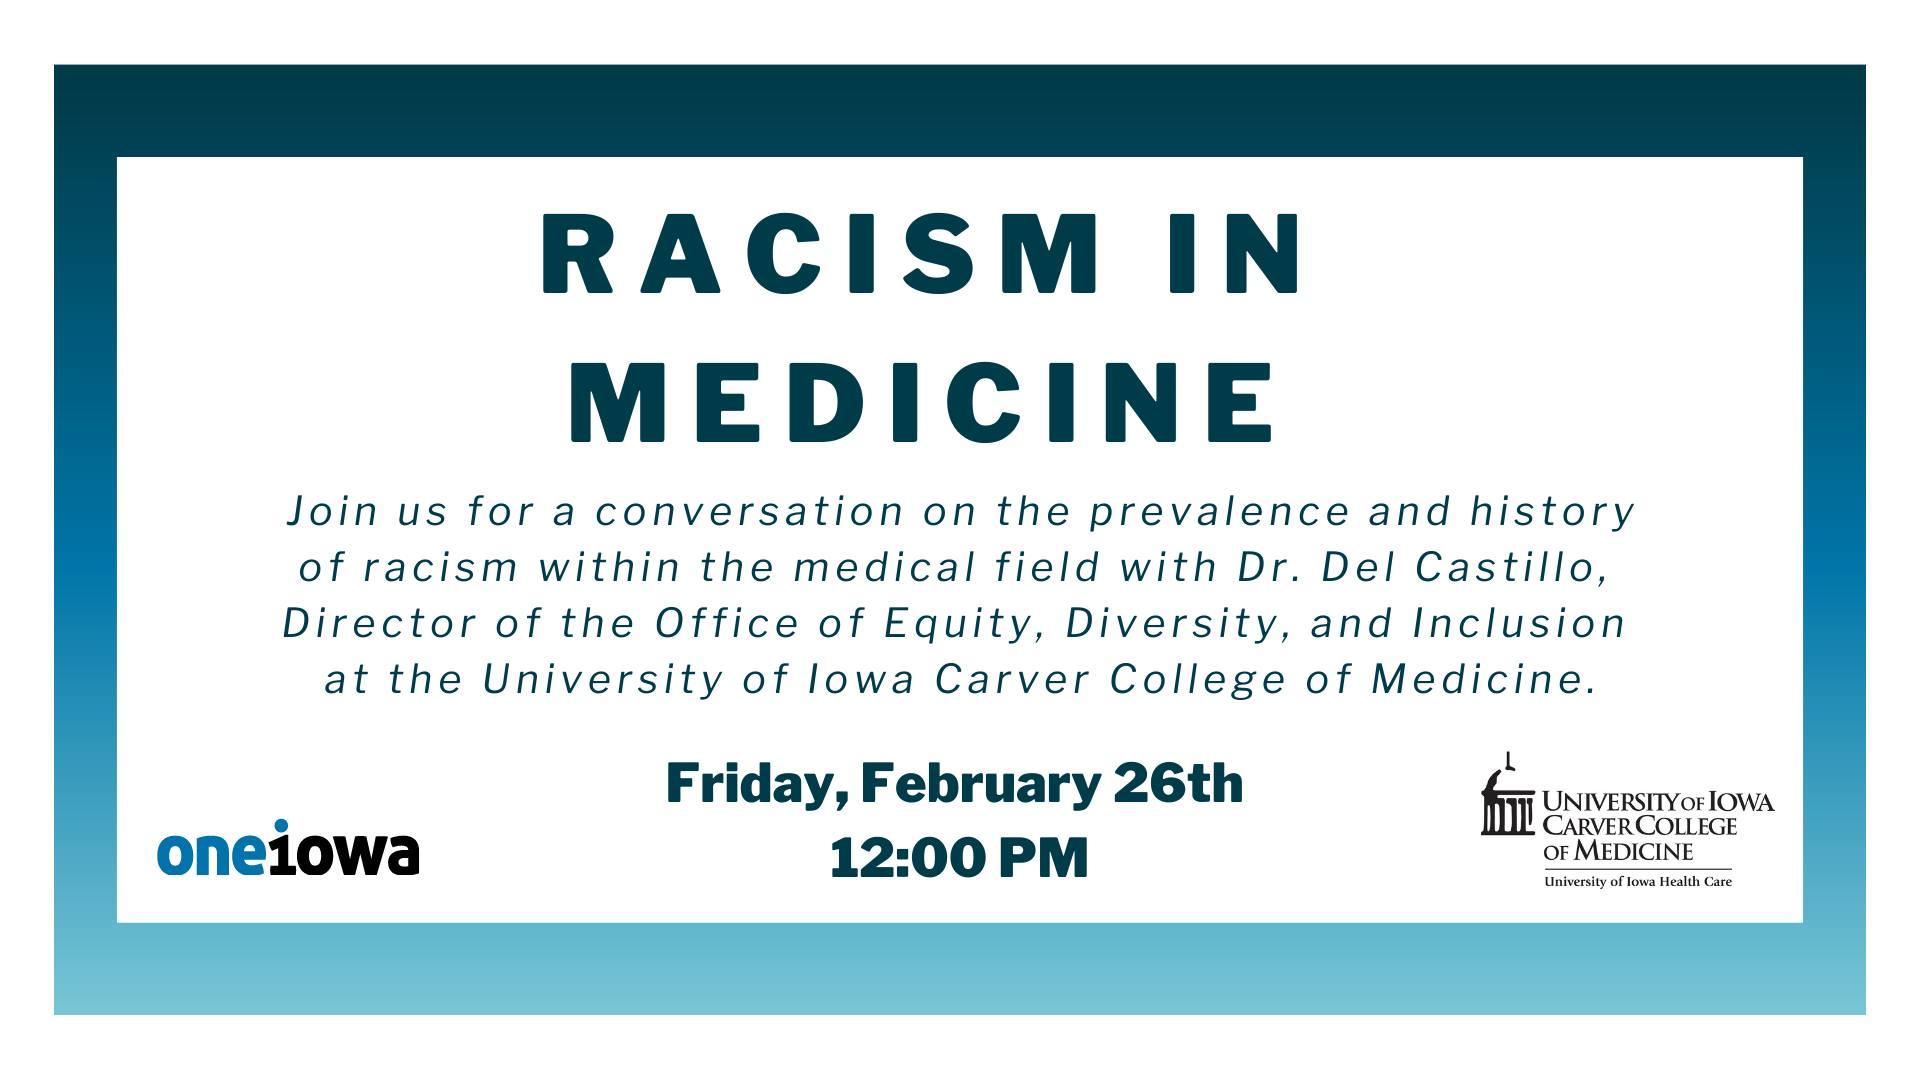 Racism in Medicine